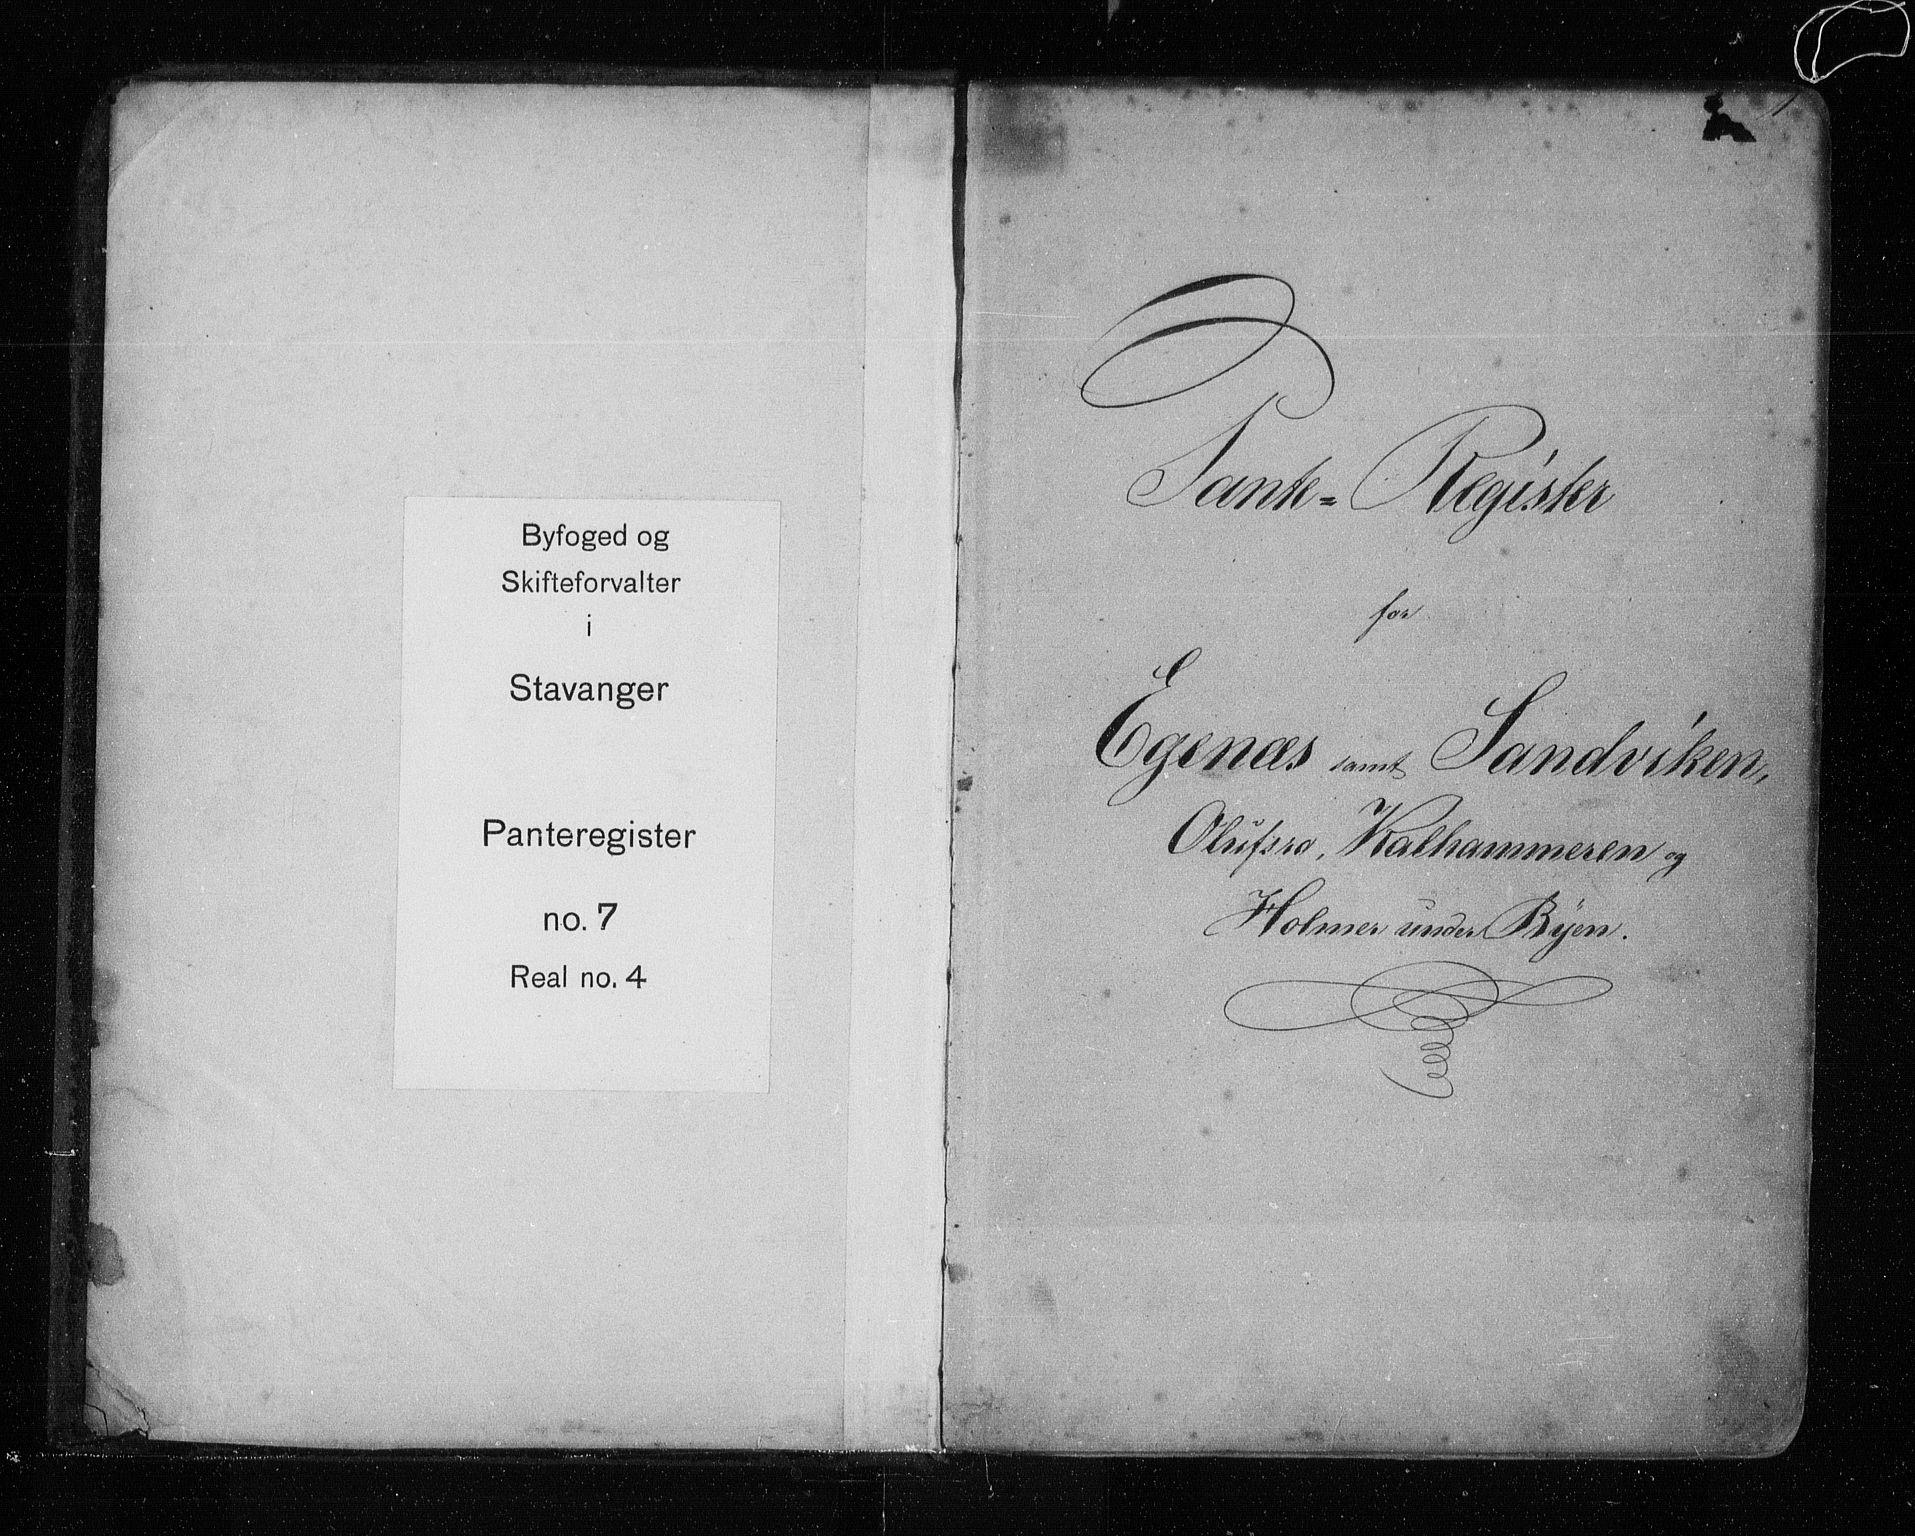 SAST, Stavanger byfogd, 4/41/410/410AC/L0007: Panteregister nr. AC 7, 1855, s. 1